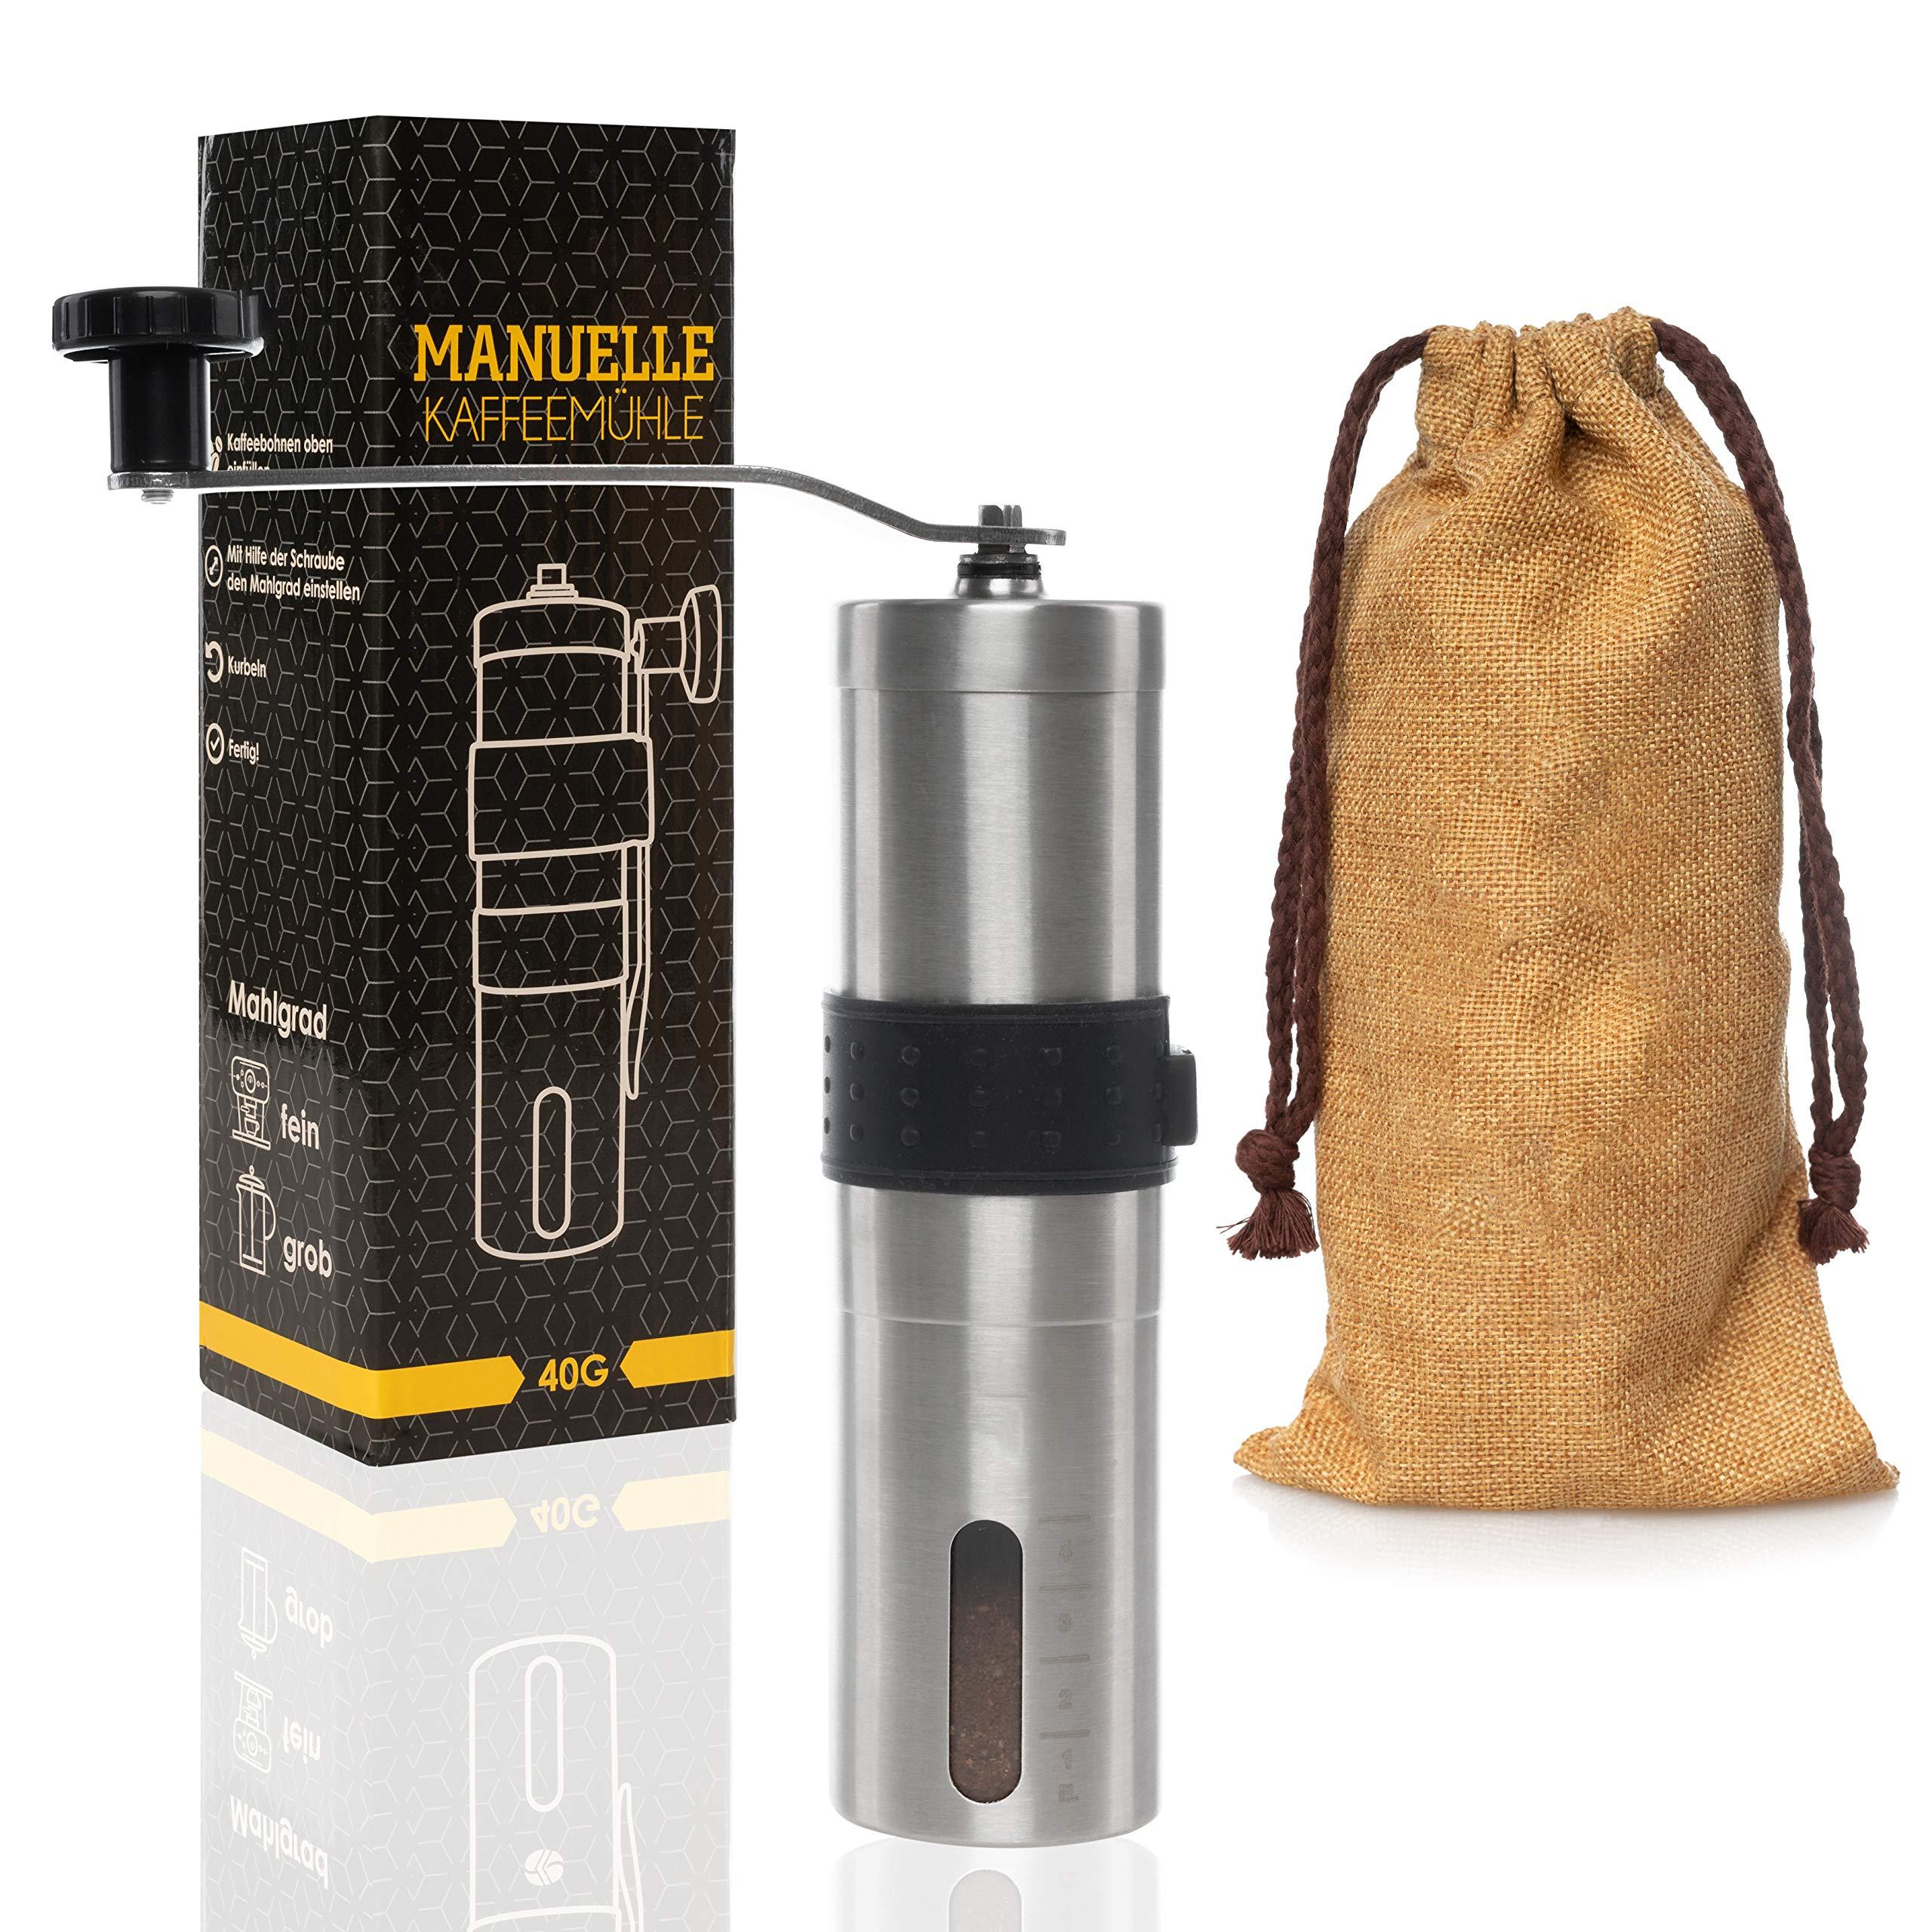 Premium Hand-Kaffeemühle mit Keramik-Mahlwerk – Manuelle Kaffeemühle mit Halterung zum Reisen – Stufenlose Einstellung…